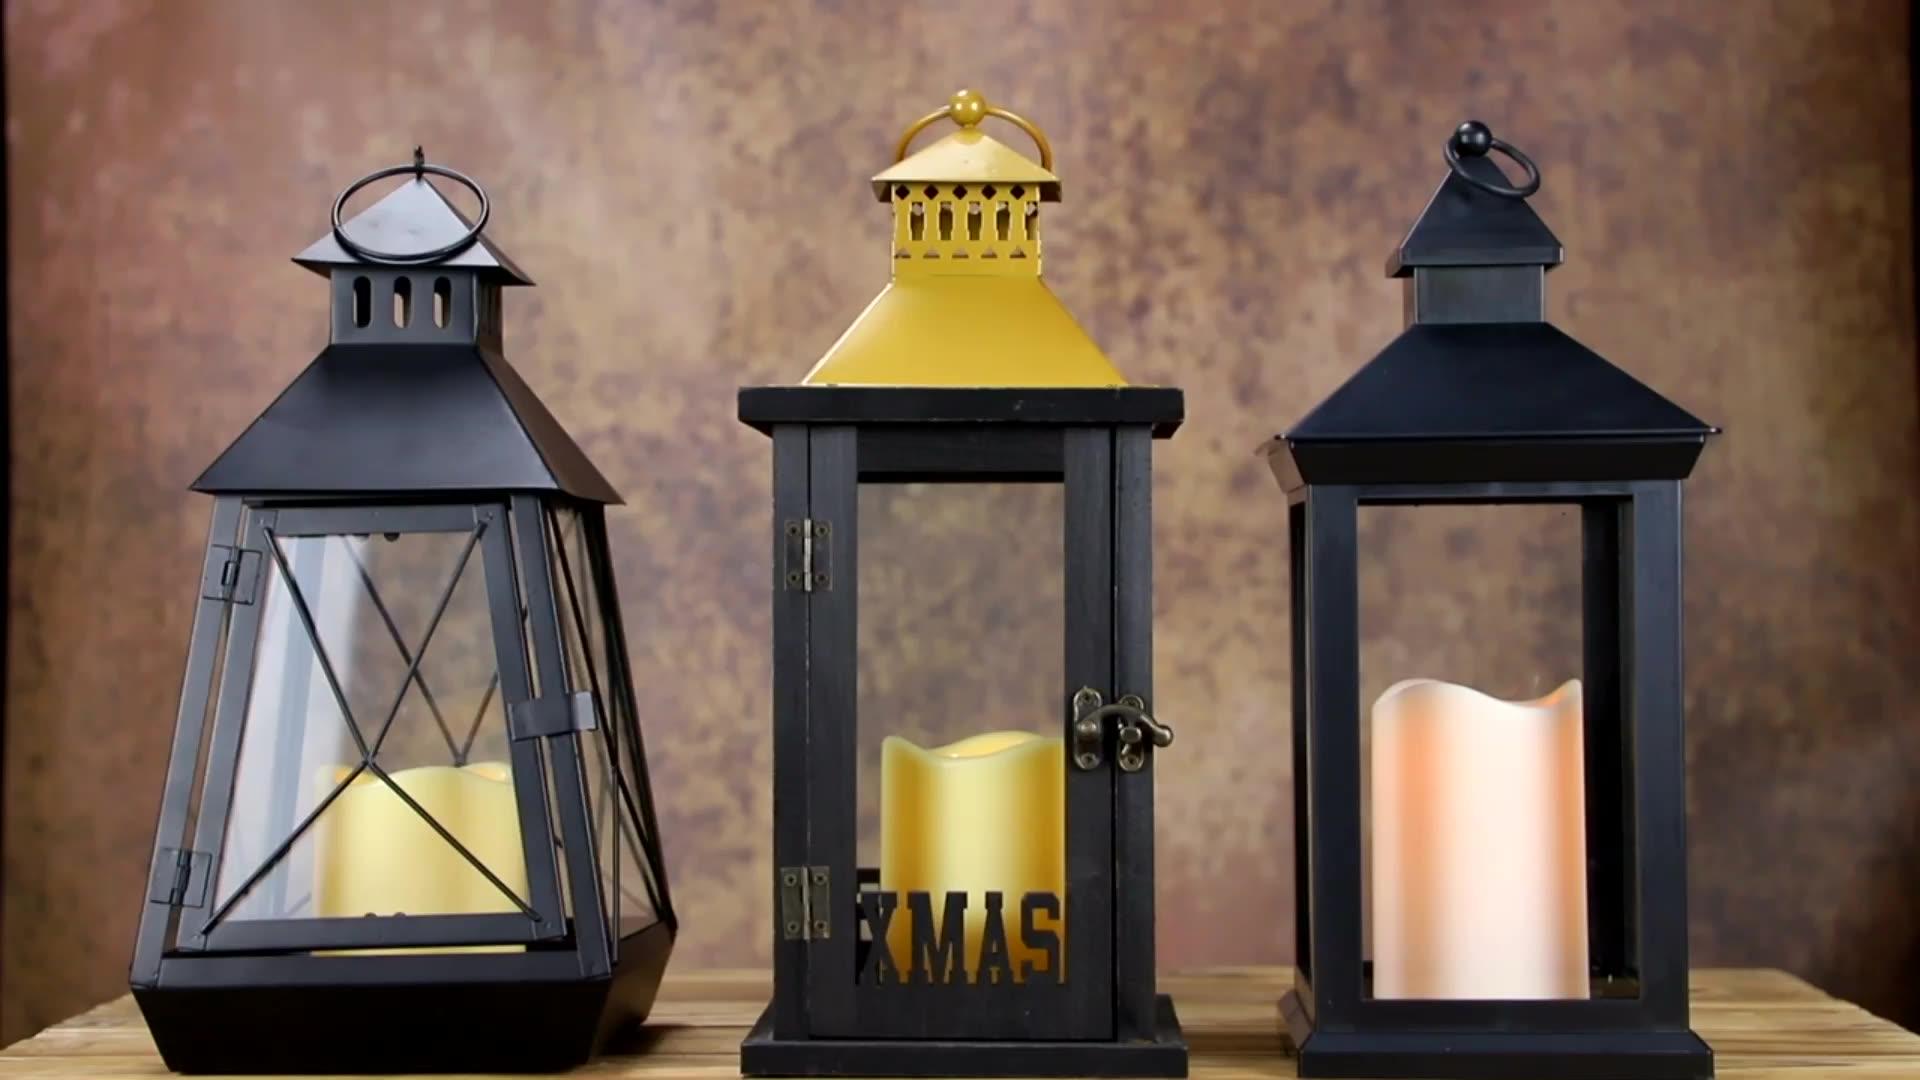 Venda quente Muçulmanos Islâmicos Ramadan Lantern Lanterna Com LED Luzes Da Corda para o Partido Islâmico Árabe Decoração